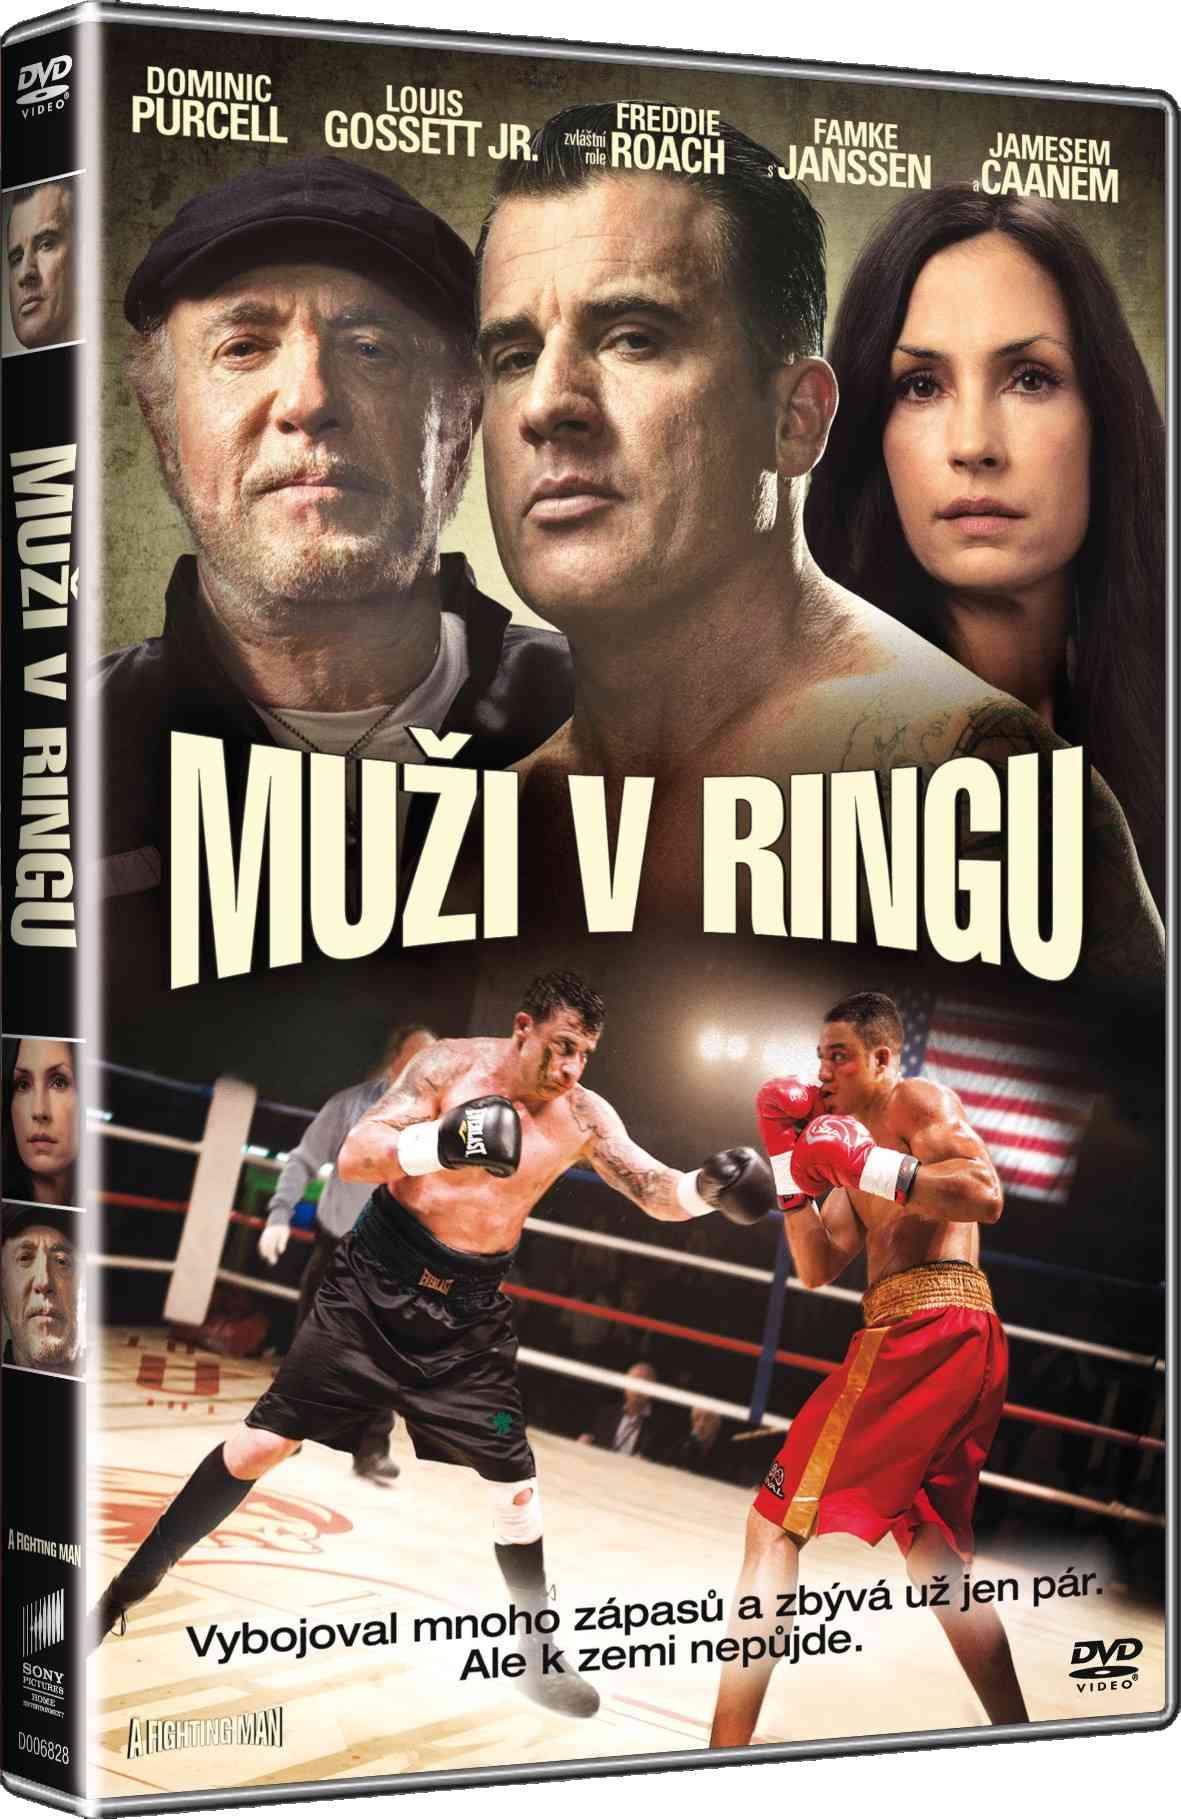 MUŽI V RINGU - DVD